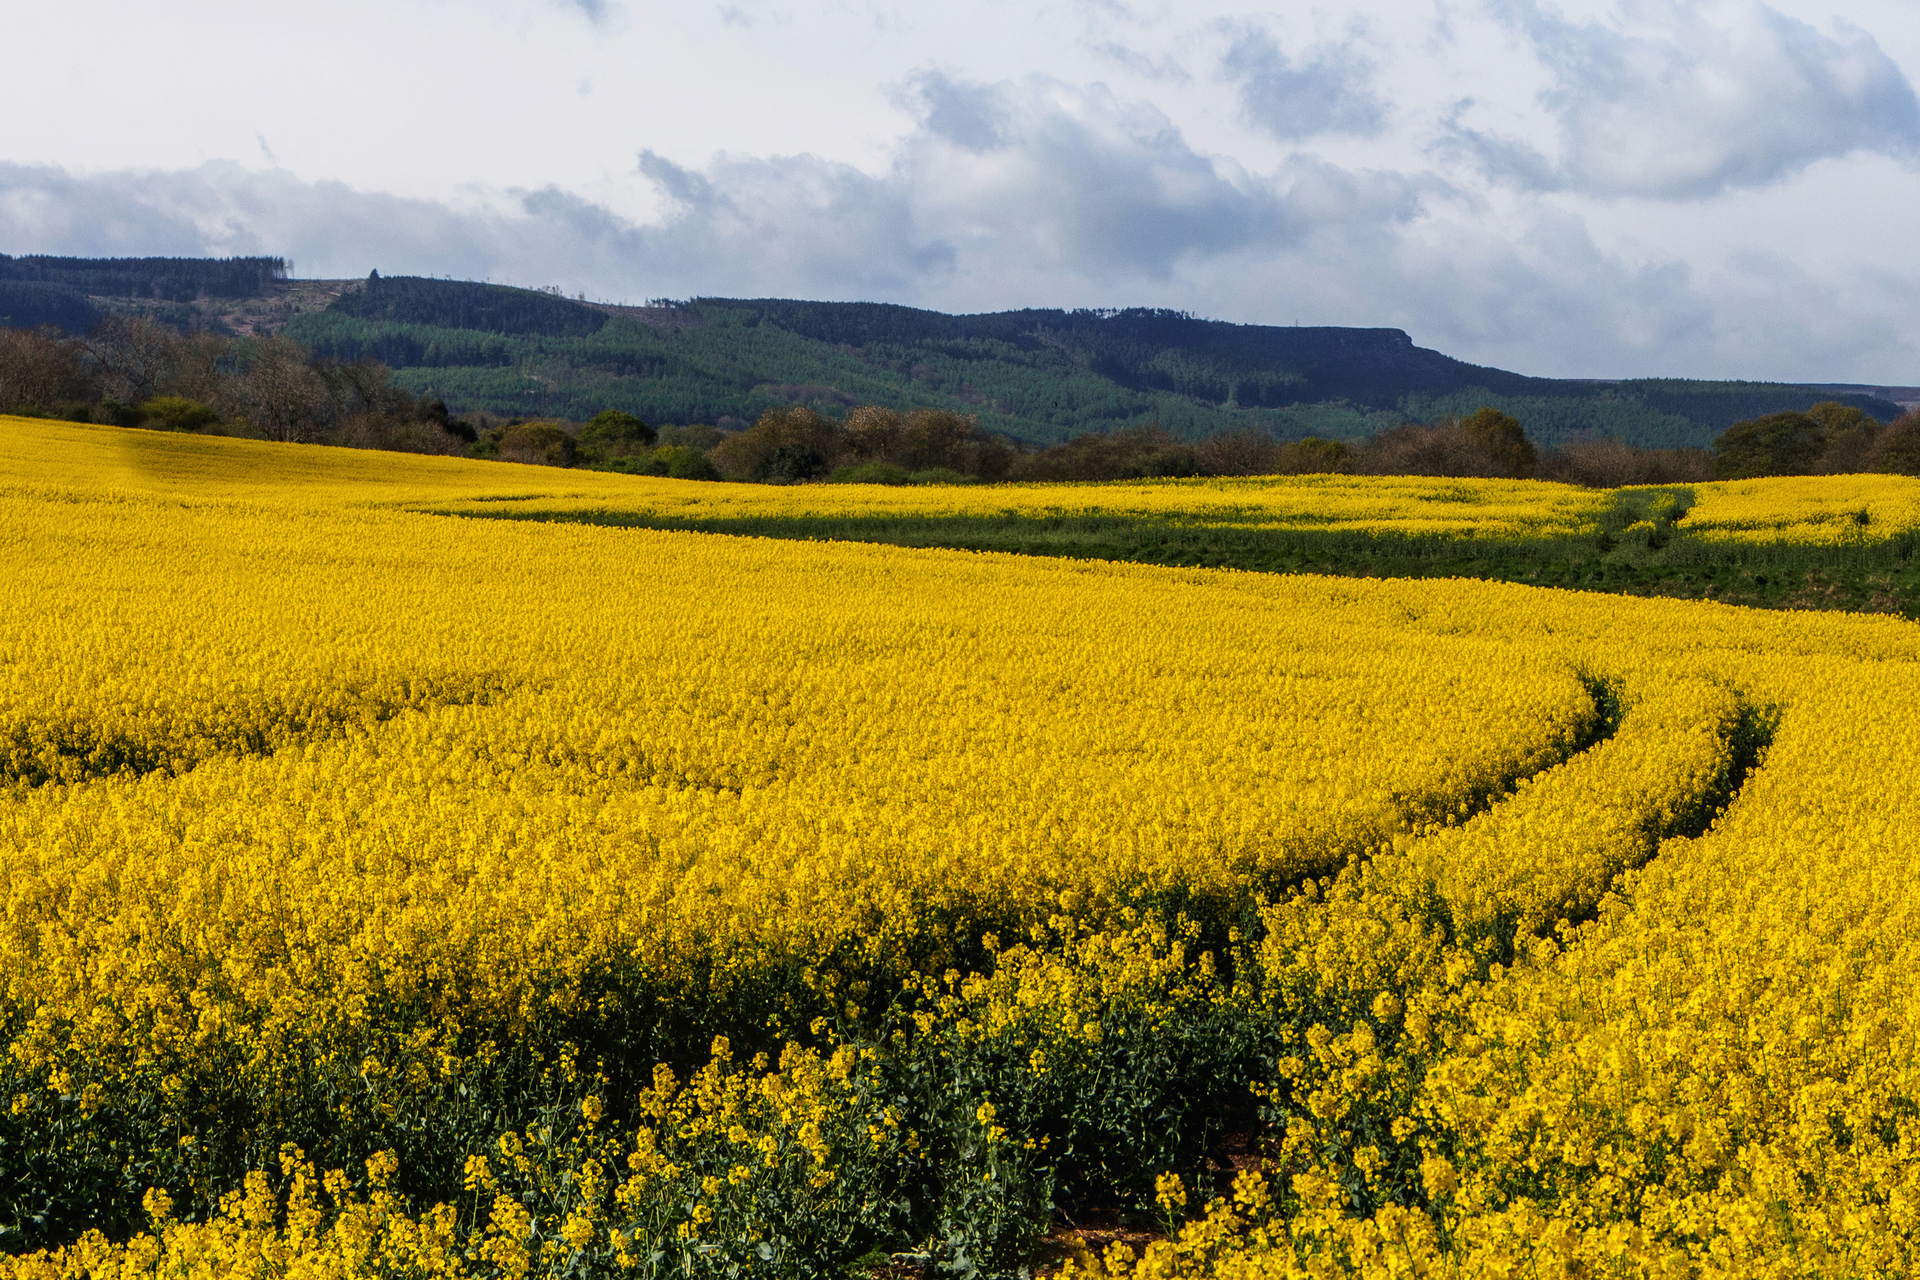 Fotografia przedstawia duże pole żółto kwitnącego rzepaku. Wtle wzgórza pokryte lasem. Pole uprawne to ekosystem sztuczny zmałą liczbą gatunków.